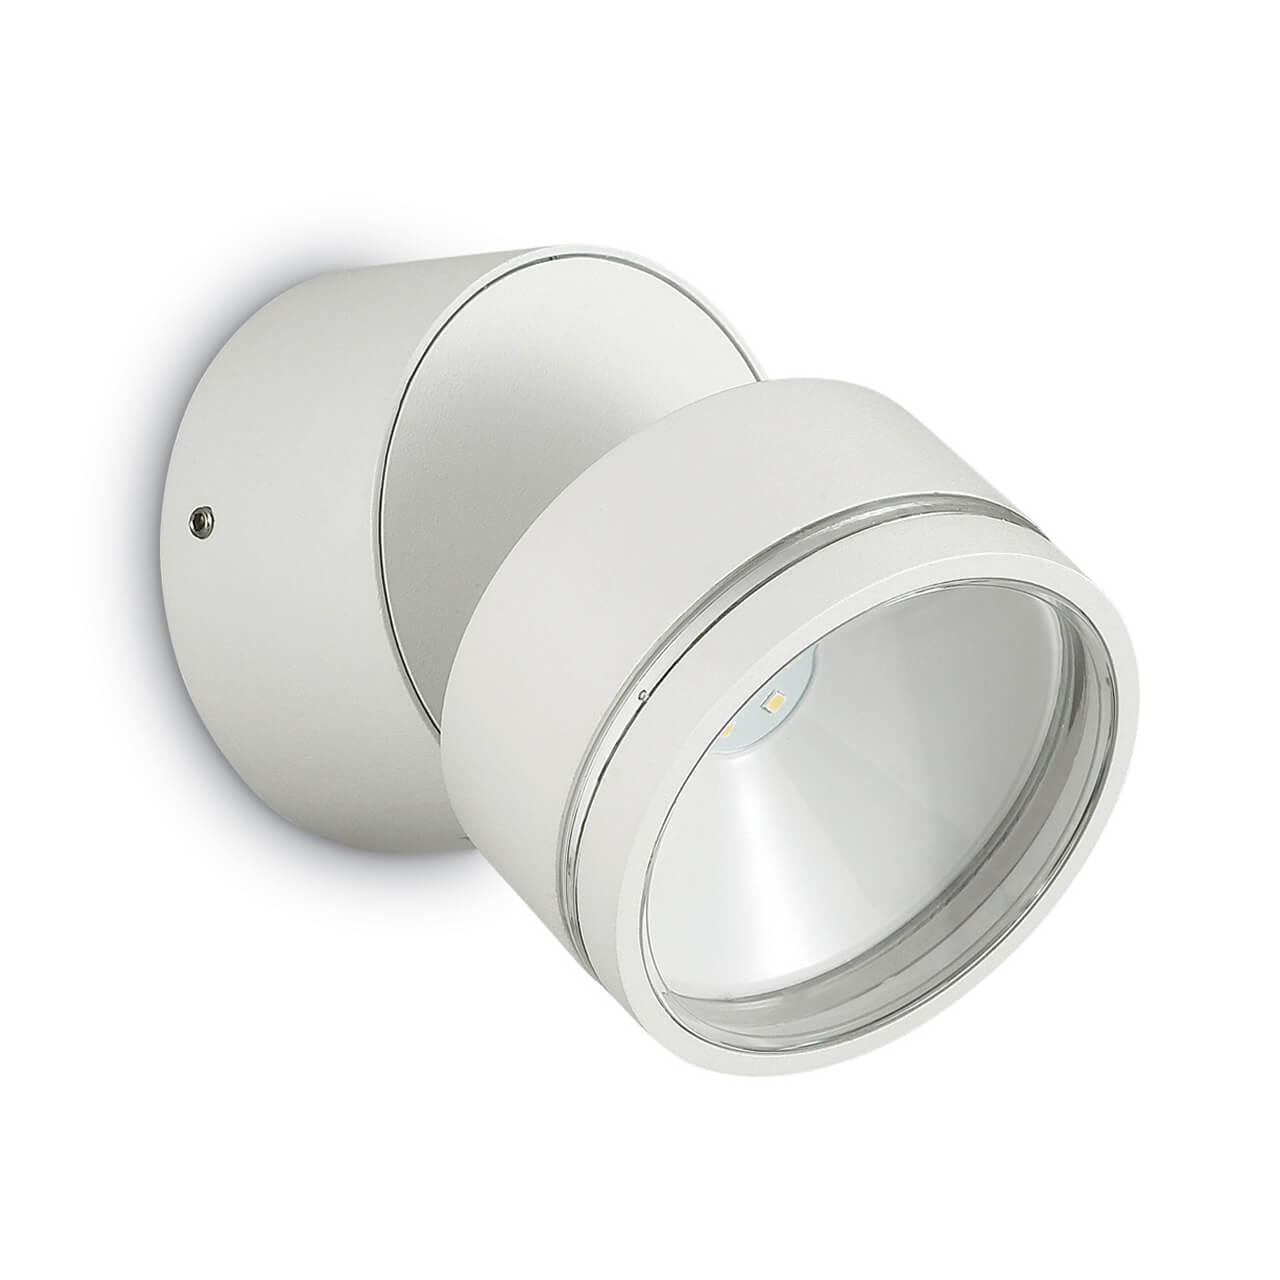 Уличный настенный светодиодный светильник Ideal Lux Omega Round AP1 Bianco ideal lux настенный спот ideal lux zenith ap1 bianco